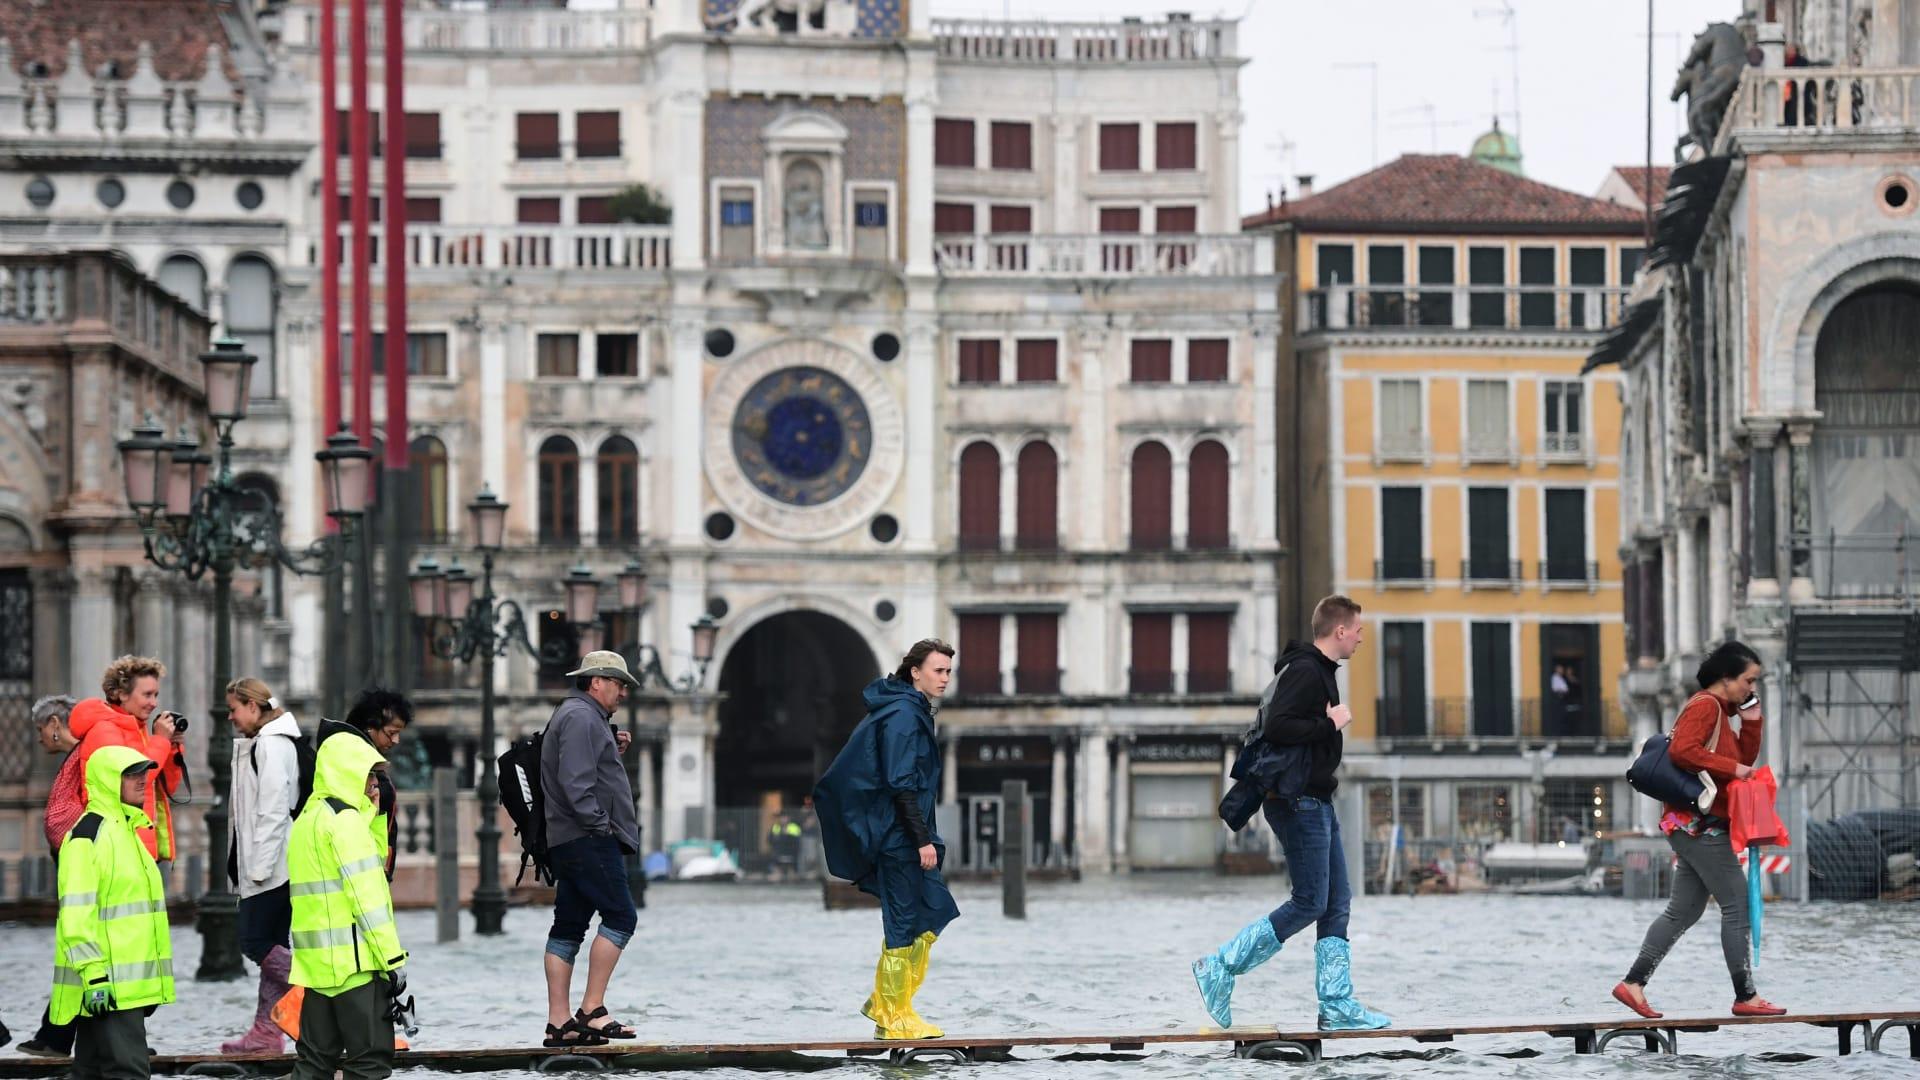 البندقية تشهد أسوأ فيضانات منذ 10 سنوات